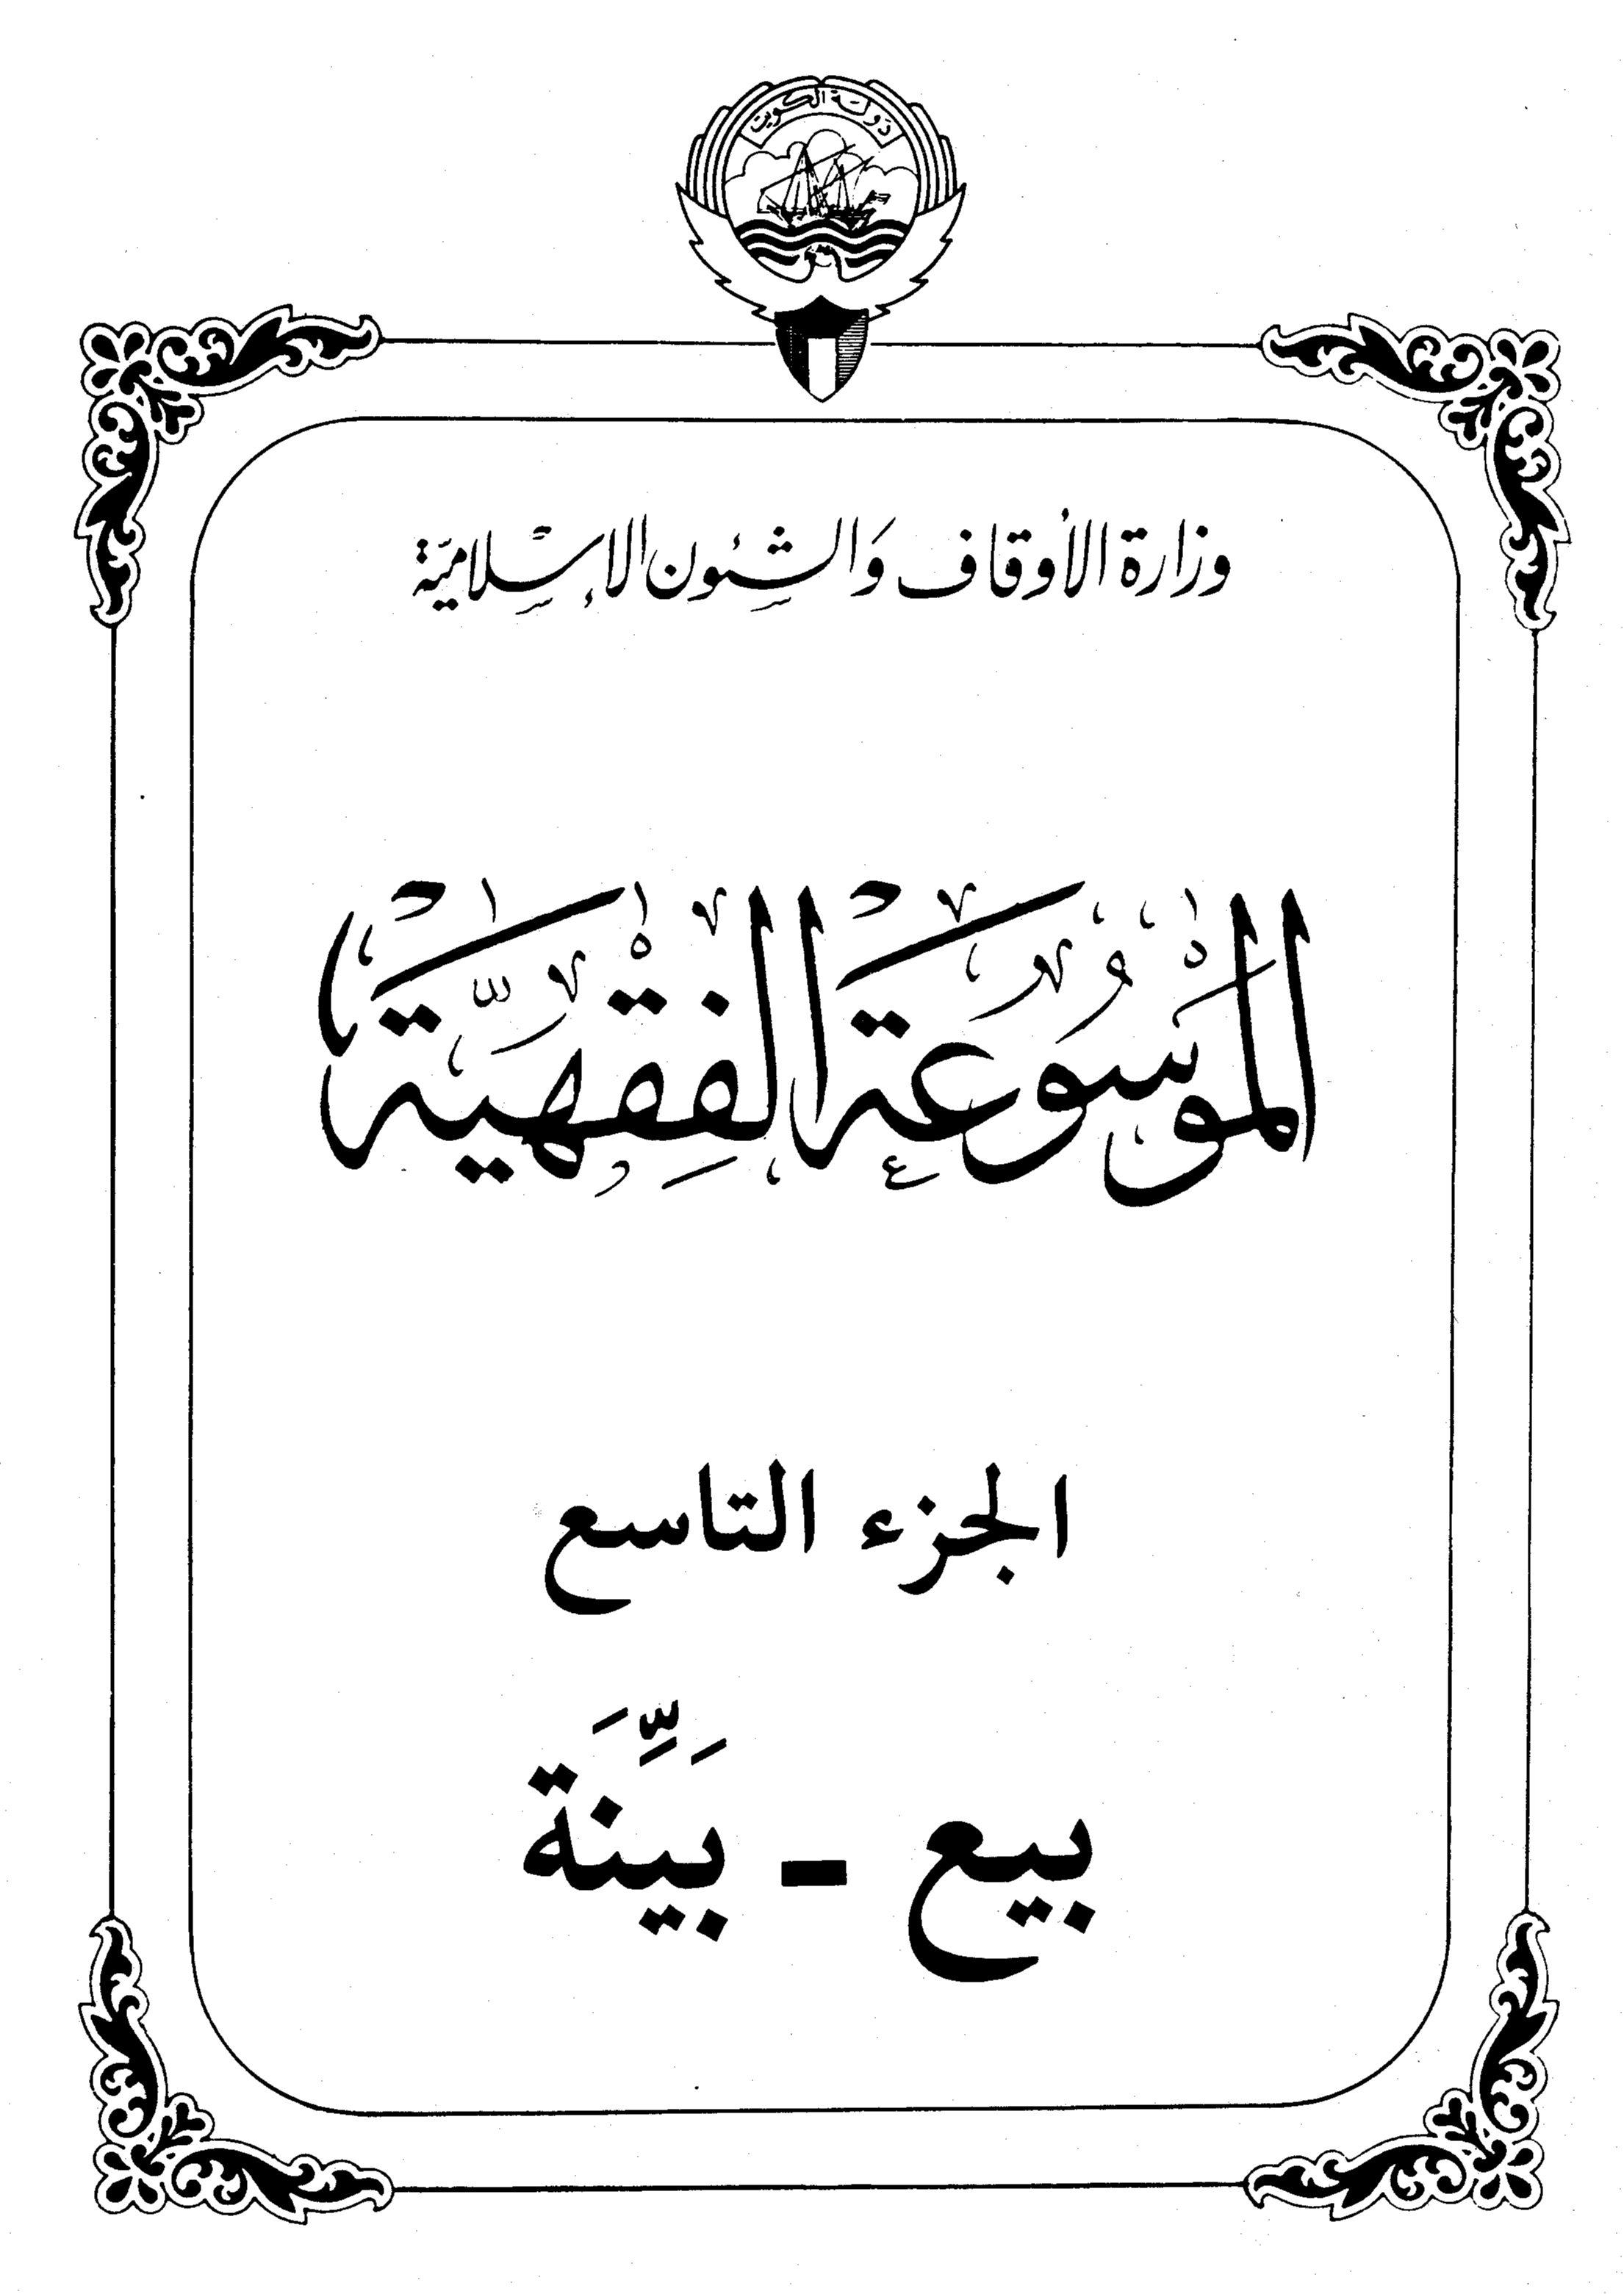 الموسوعة الفقهية الكويتية الجزء التاسع (بيع - بينة)